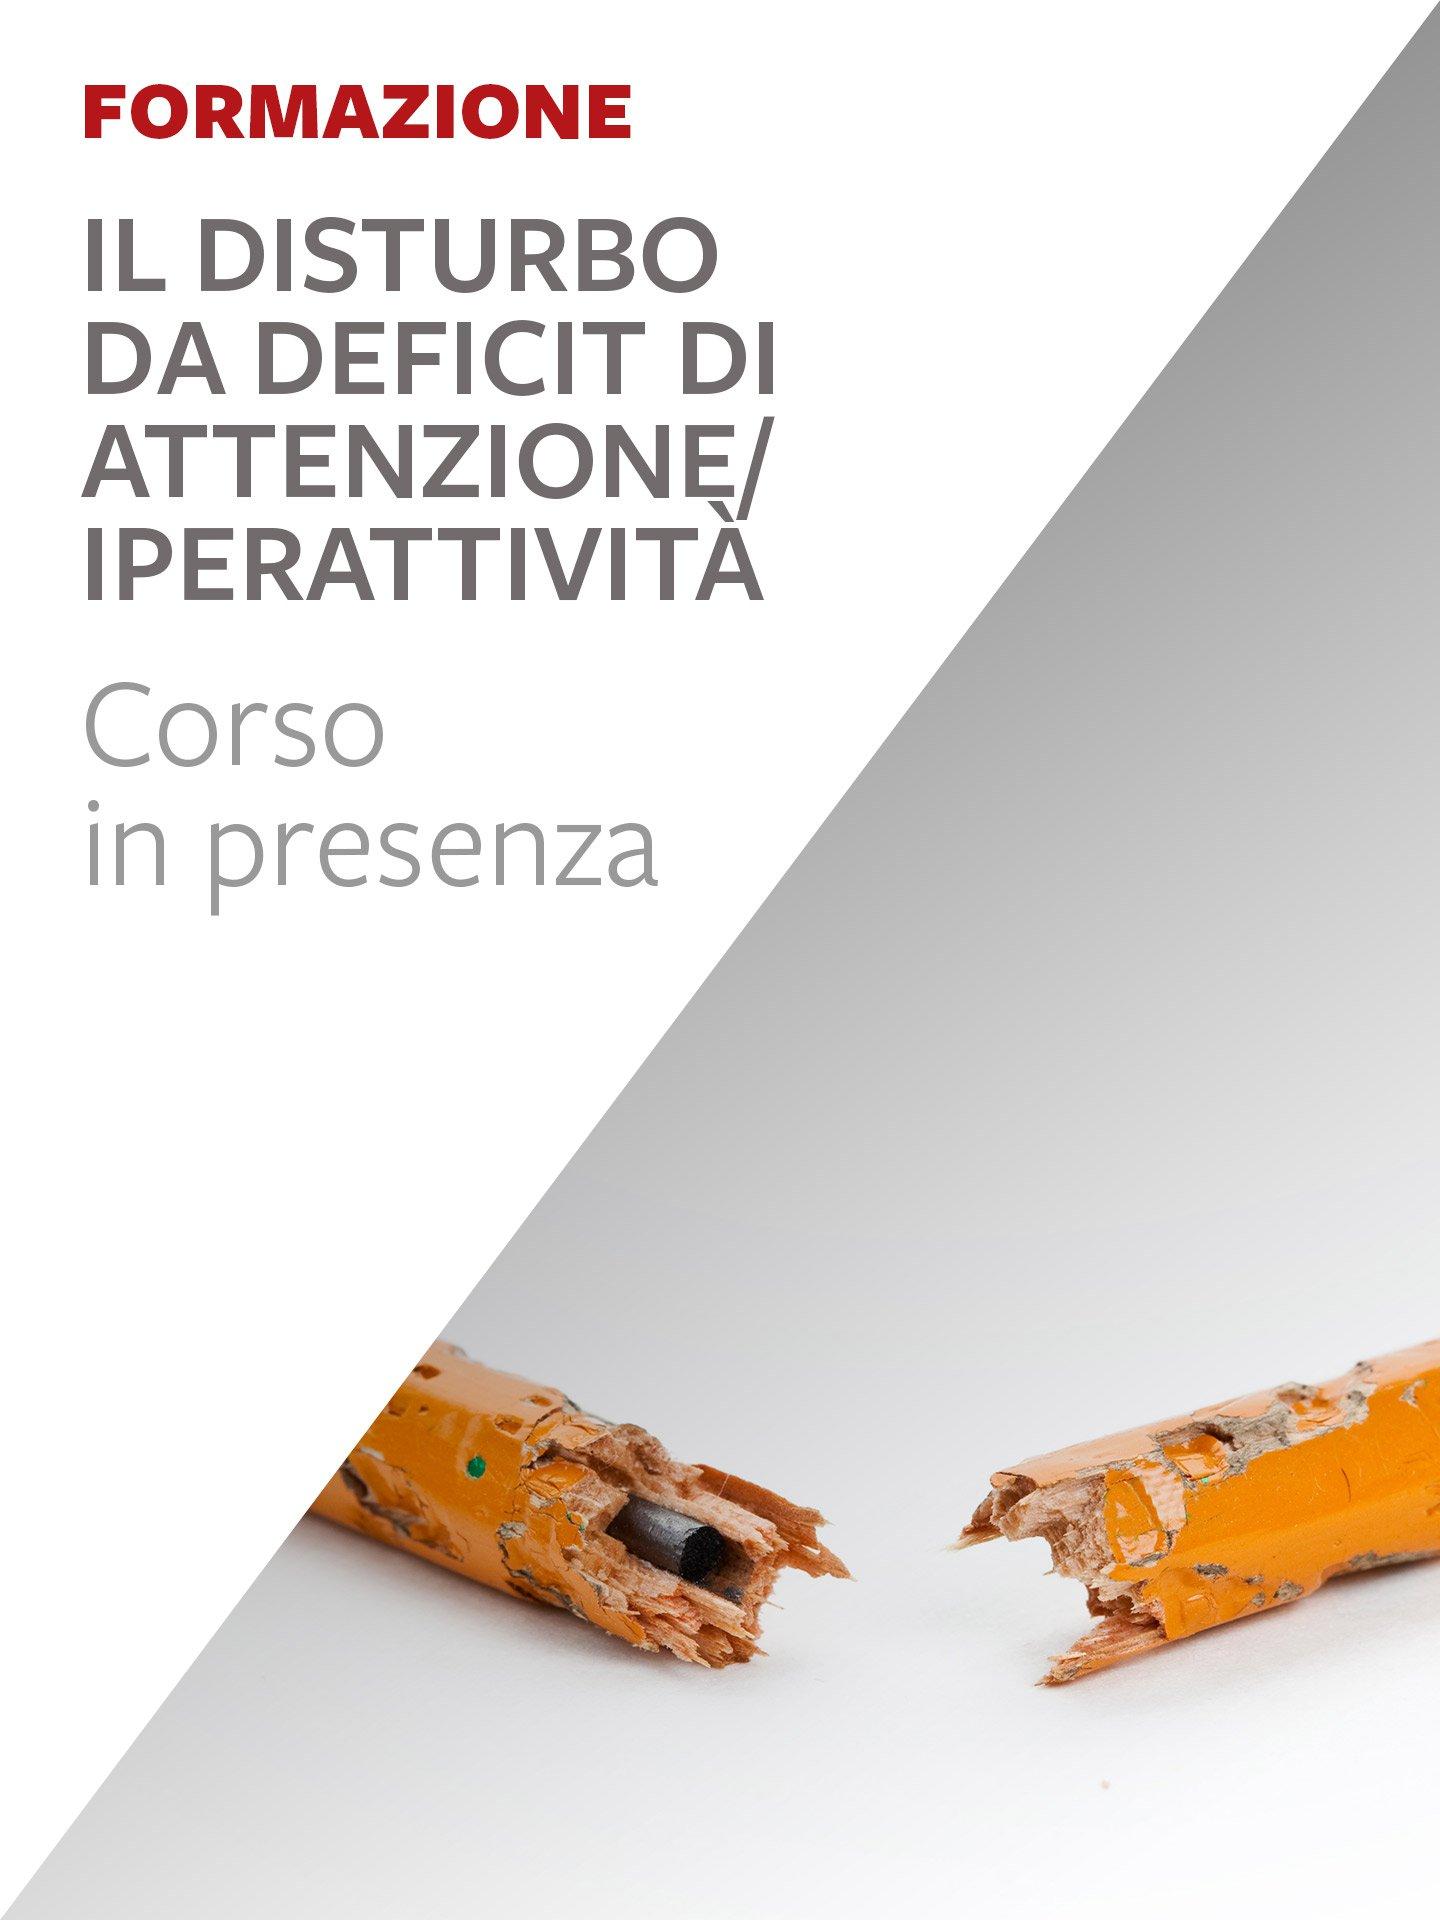 Il Disturbo da Deficit di Attenzione/Iperattività - Non ci sto più dentro! - Libri - Erickson